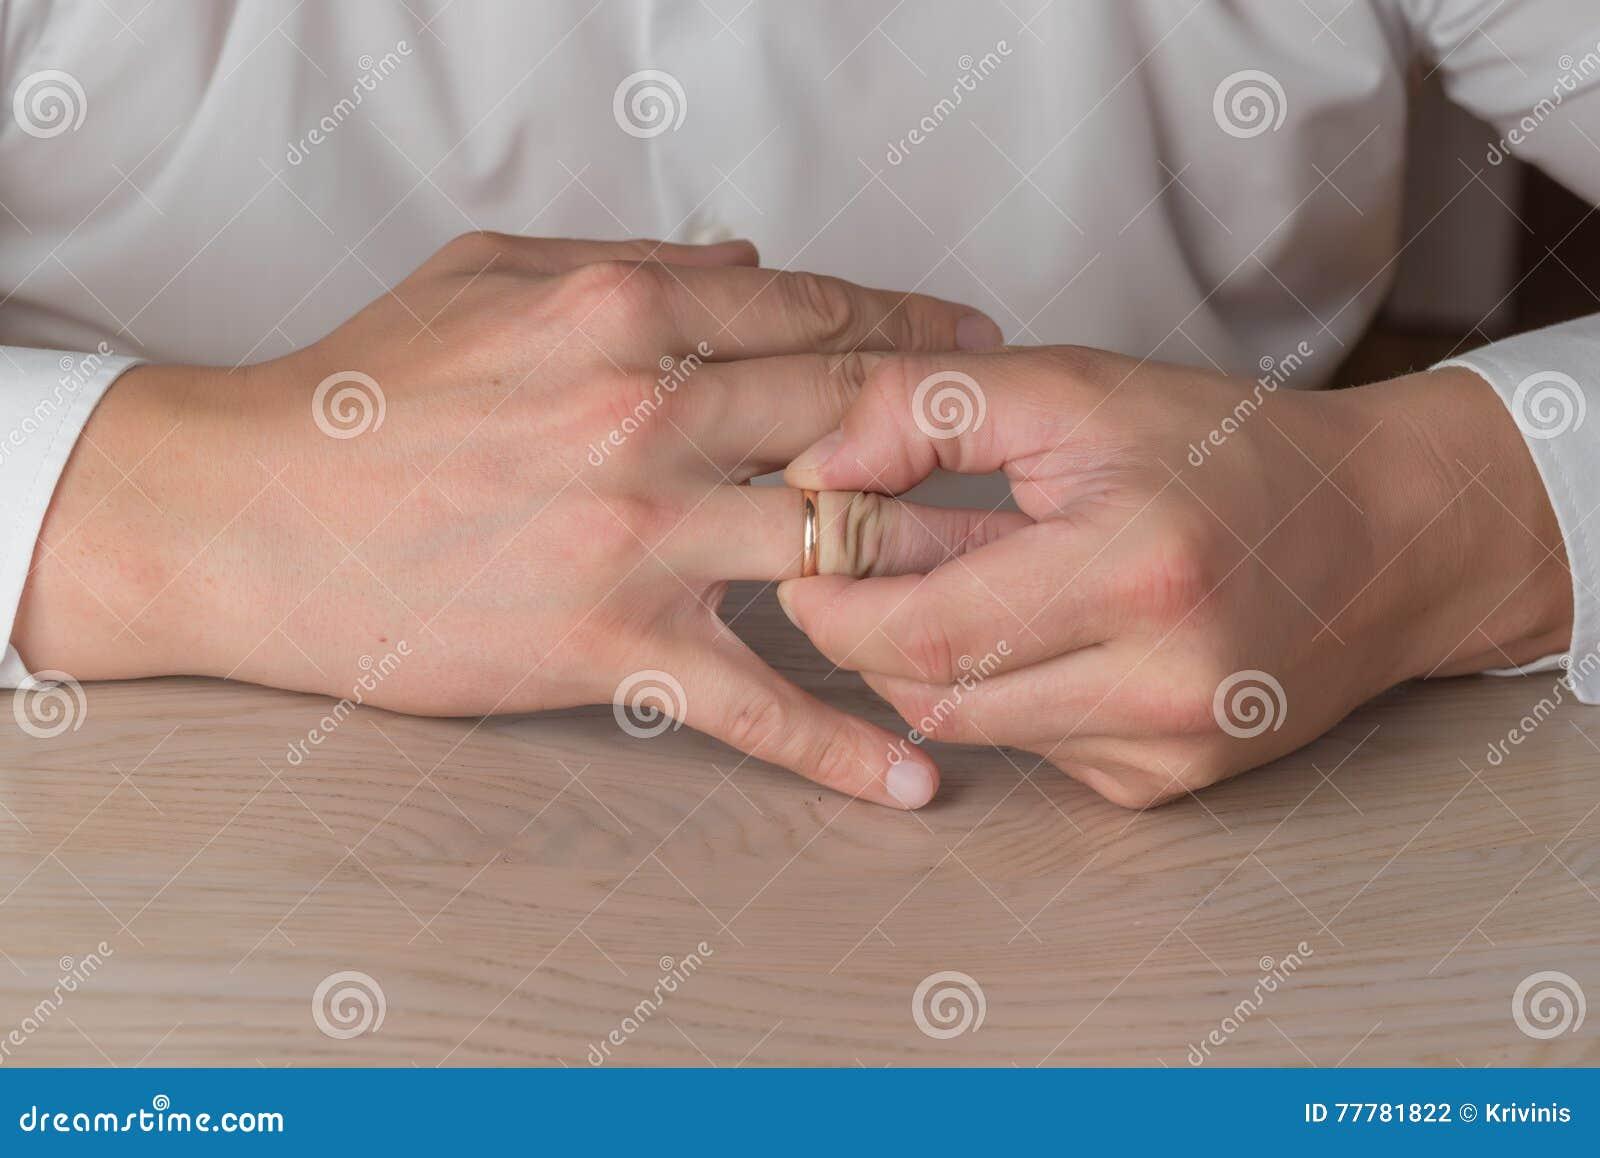 Divorzio, separazione: uomo che rimuove nozze o anello di fidanzamento